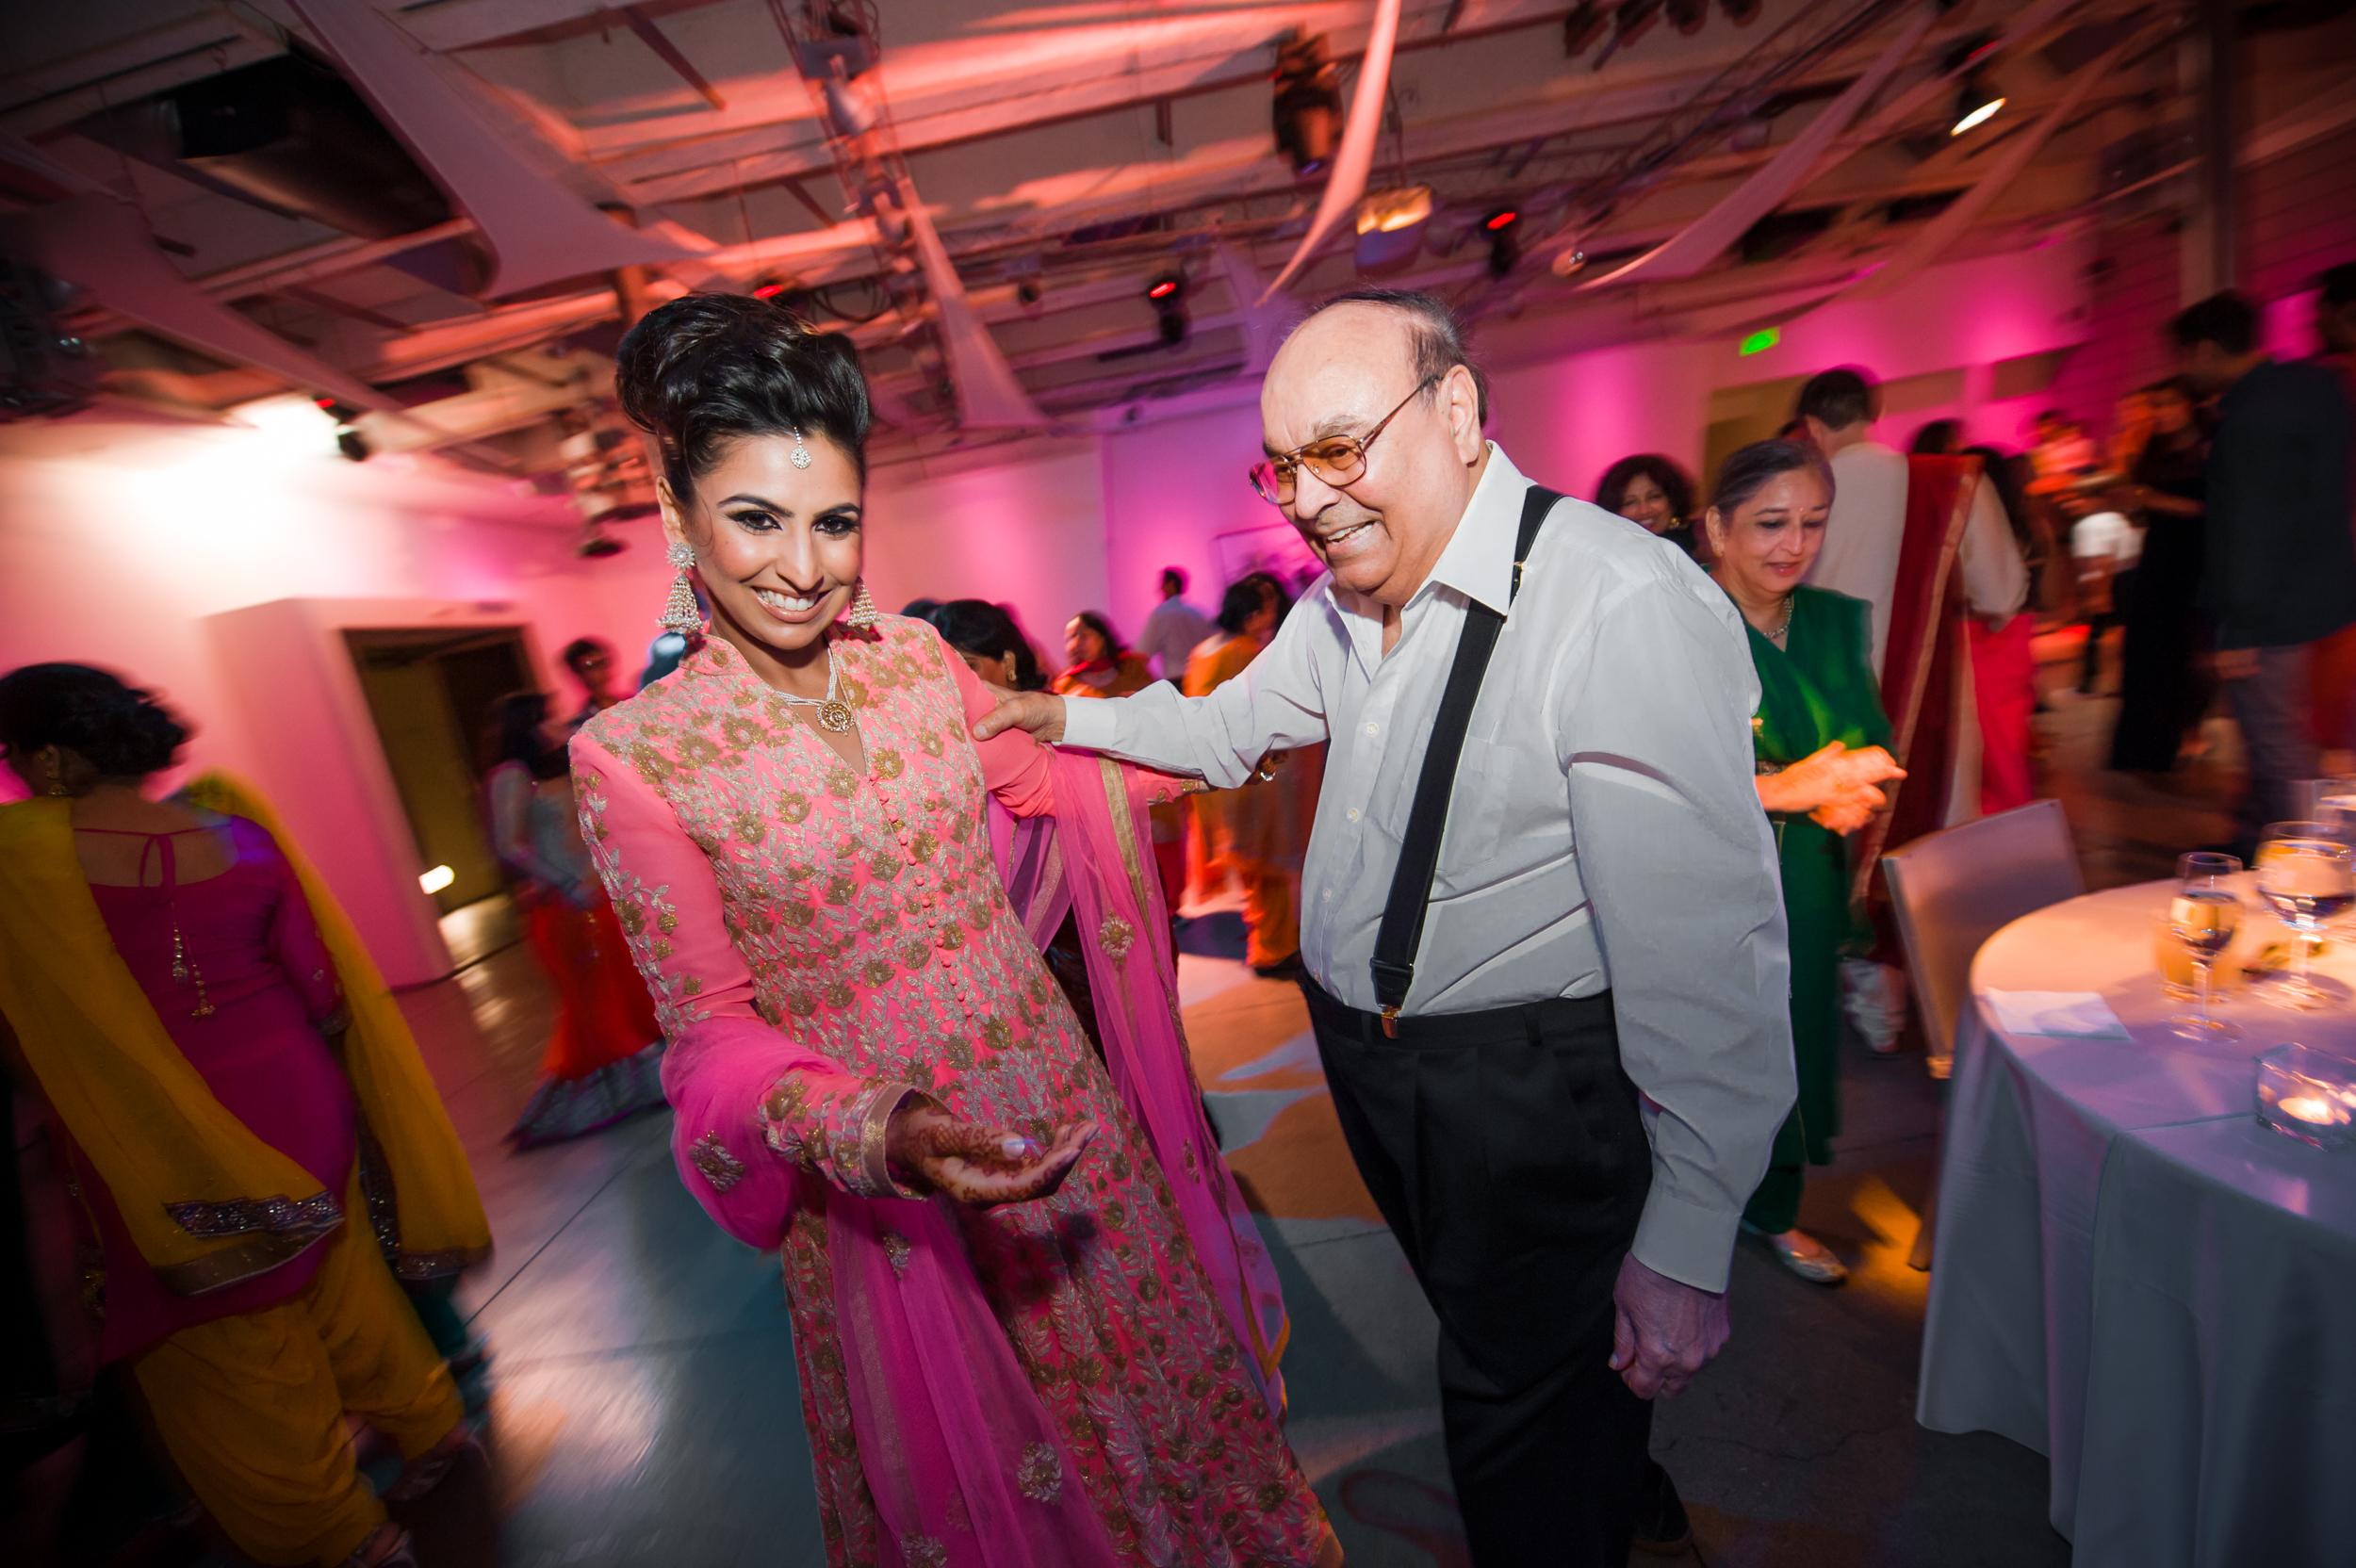 JKP_Indian_Weddings_0184.JPG